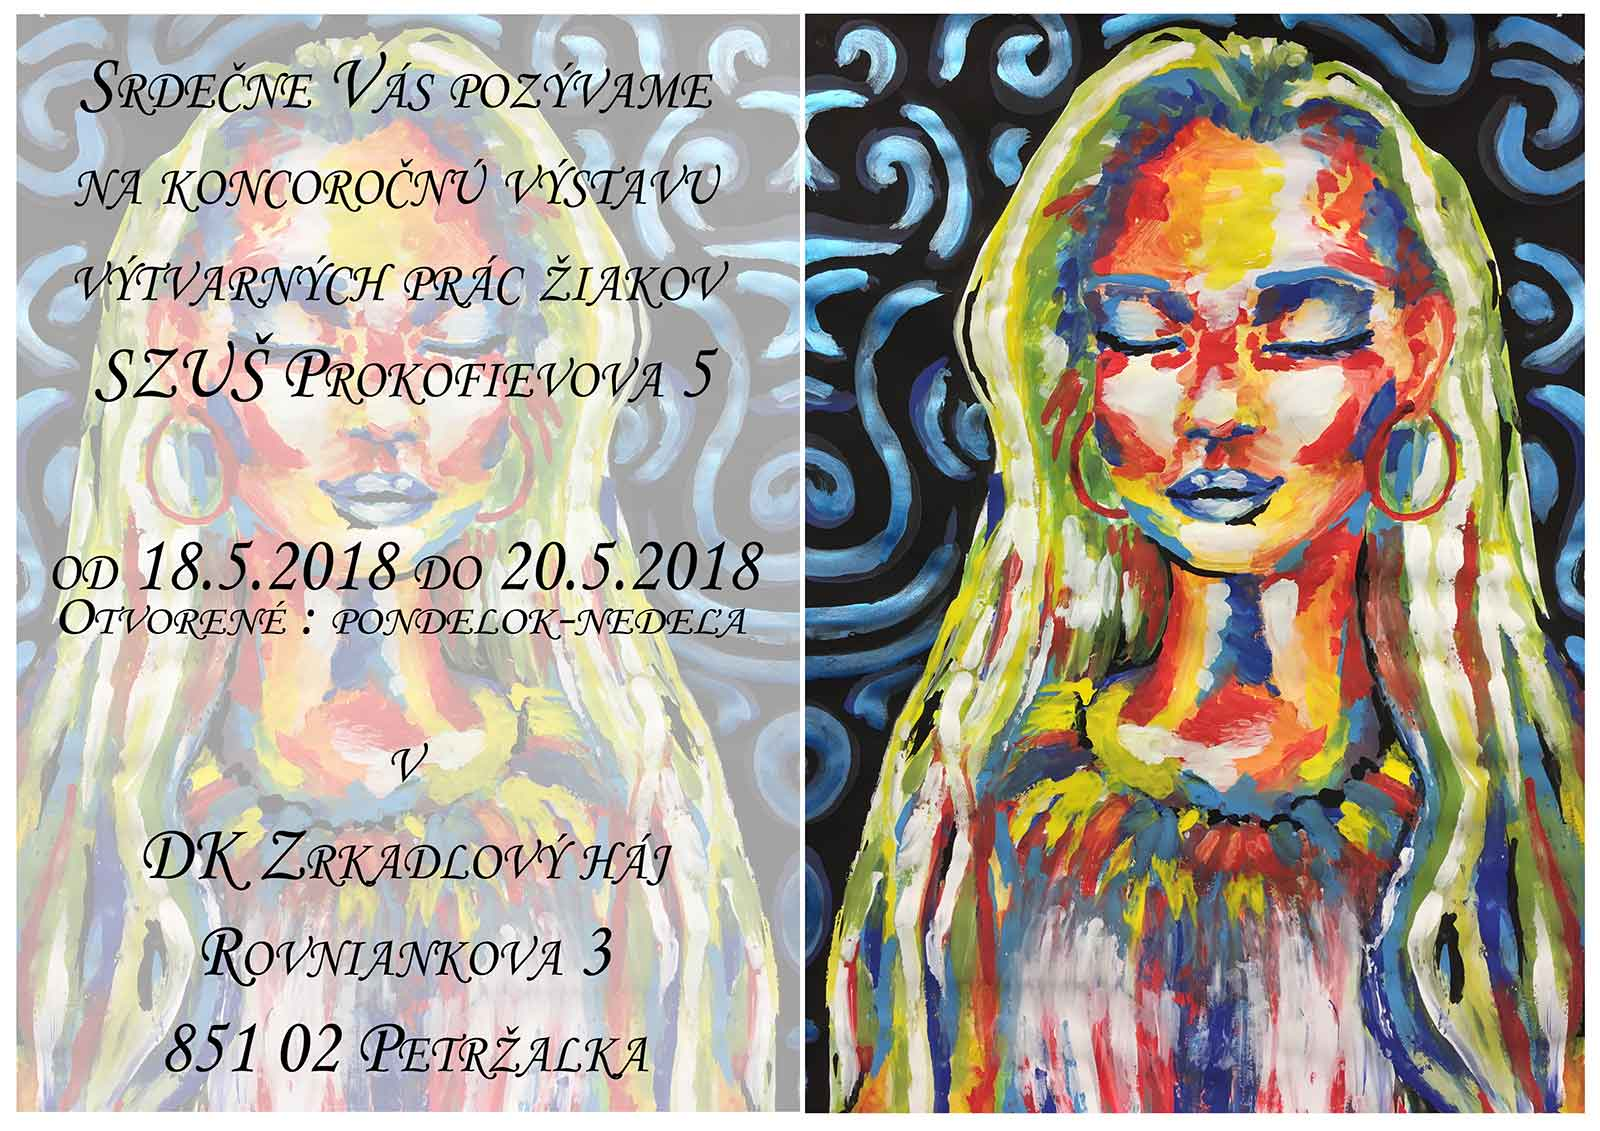 Vystava DK Zrkadlovy haj